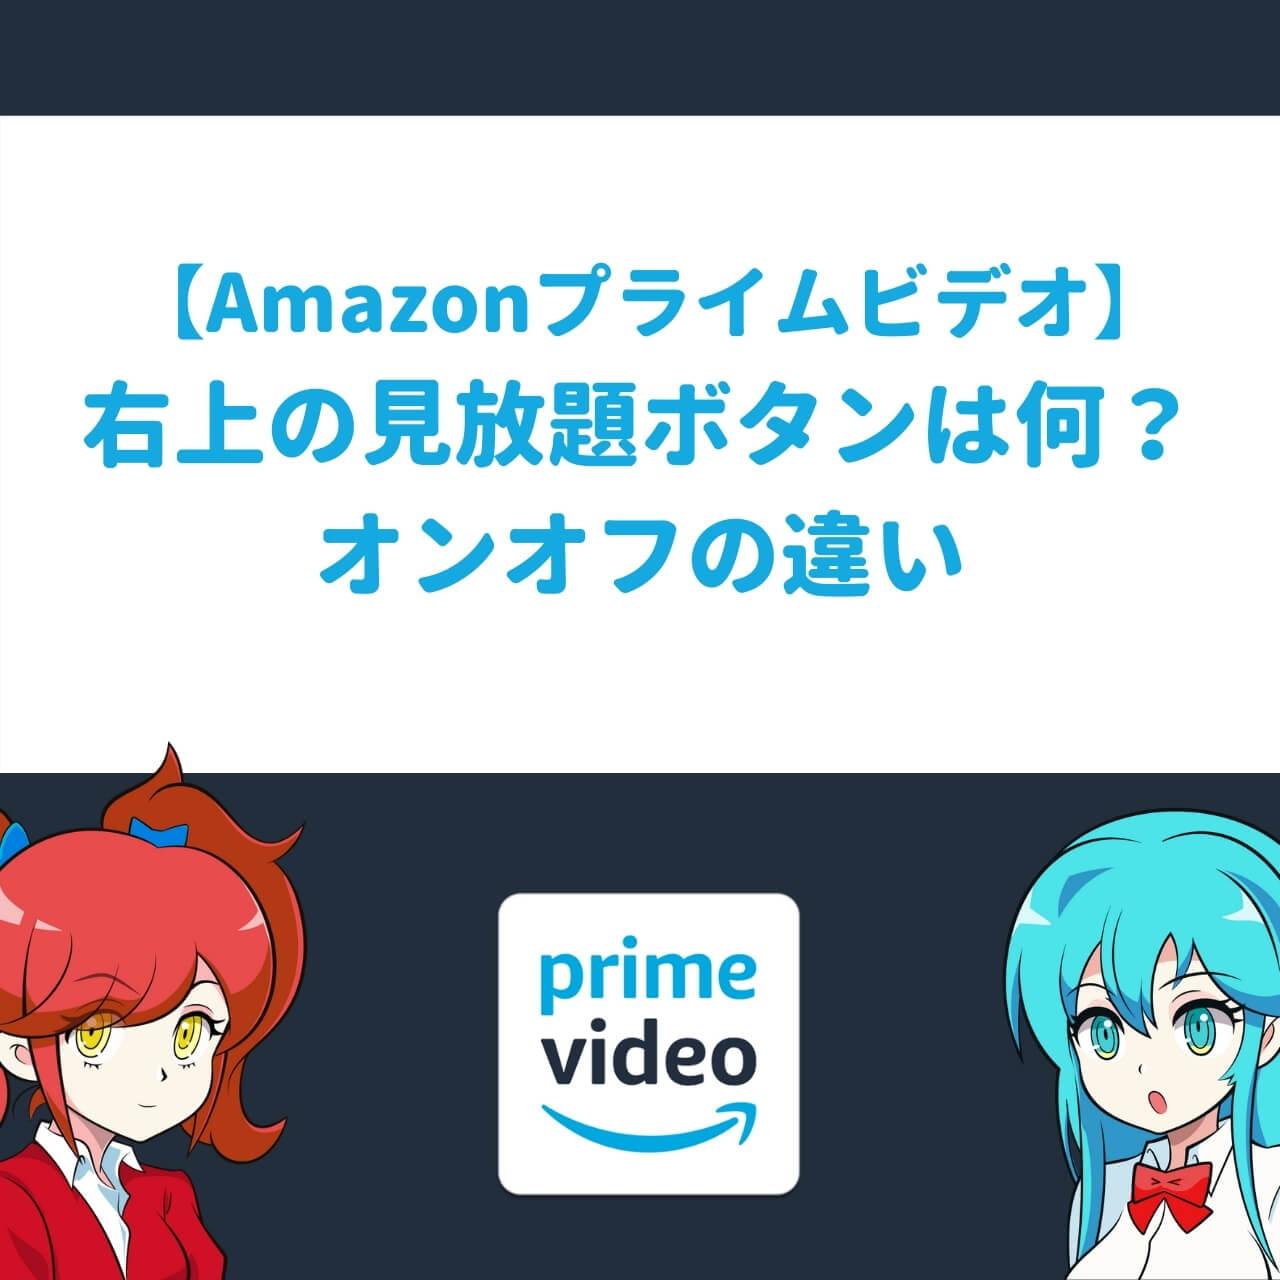 【Amazonプライムビデオ】右上の見放題ボタンは何?オンオフの違い